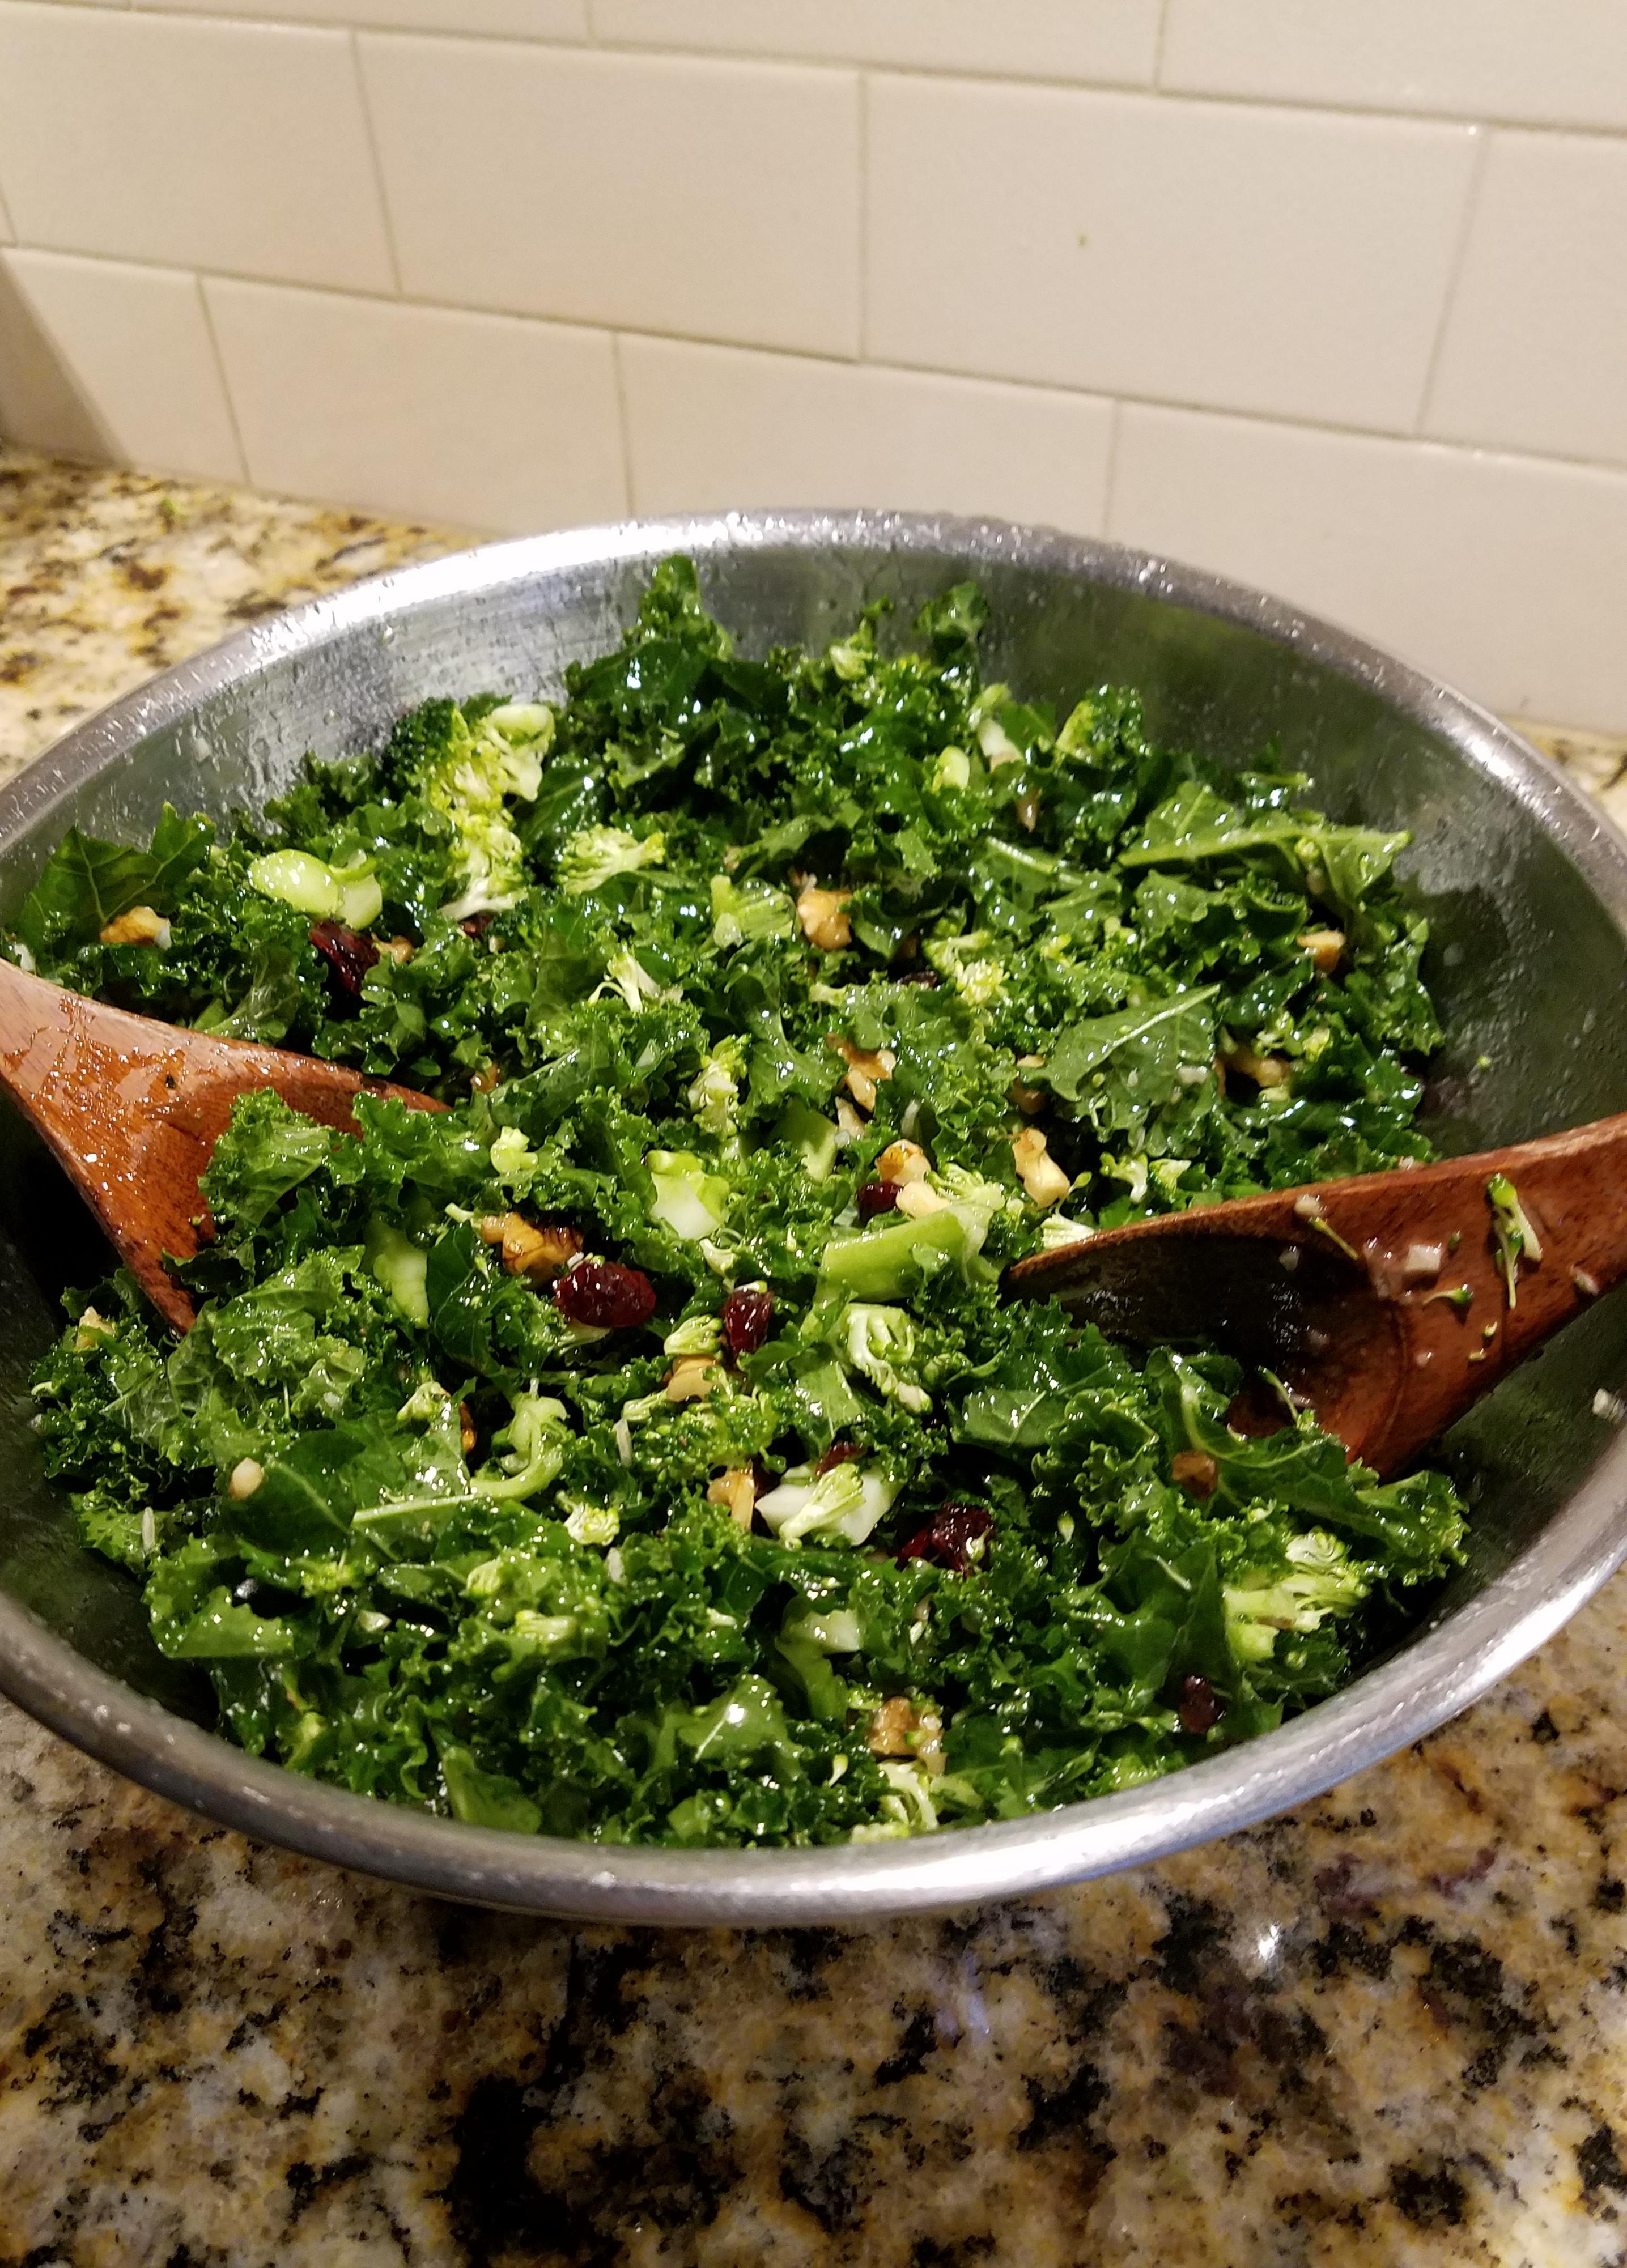 Super-Dupe Chick-fil-a Kale Salad, Light Version Dressing